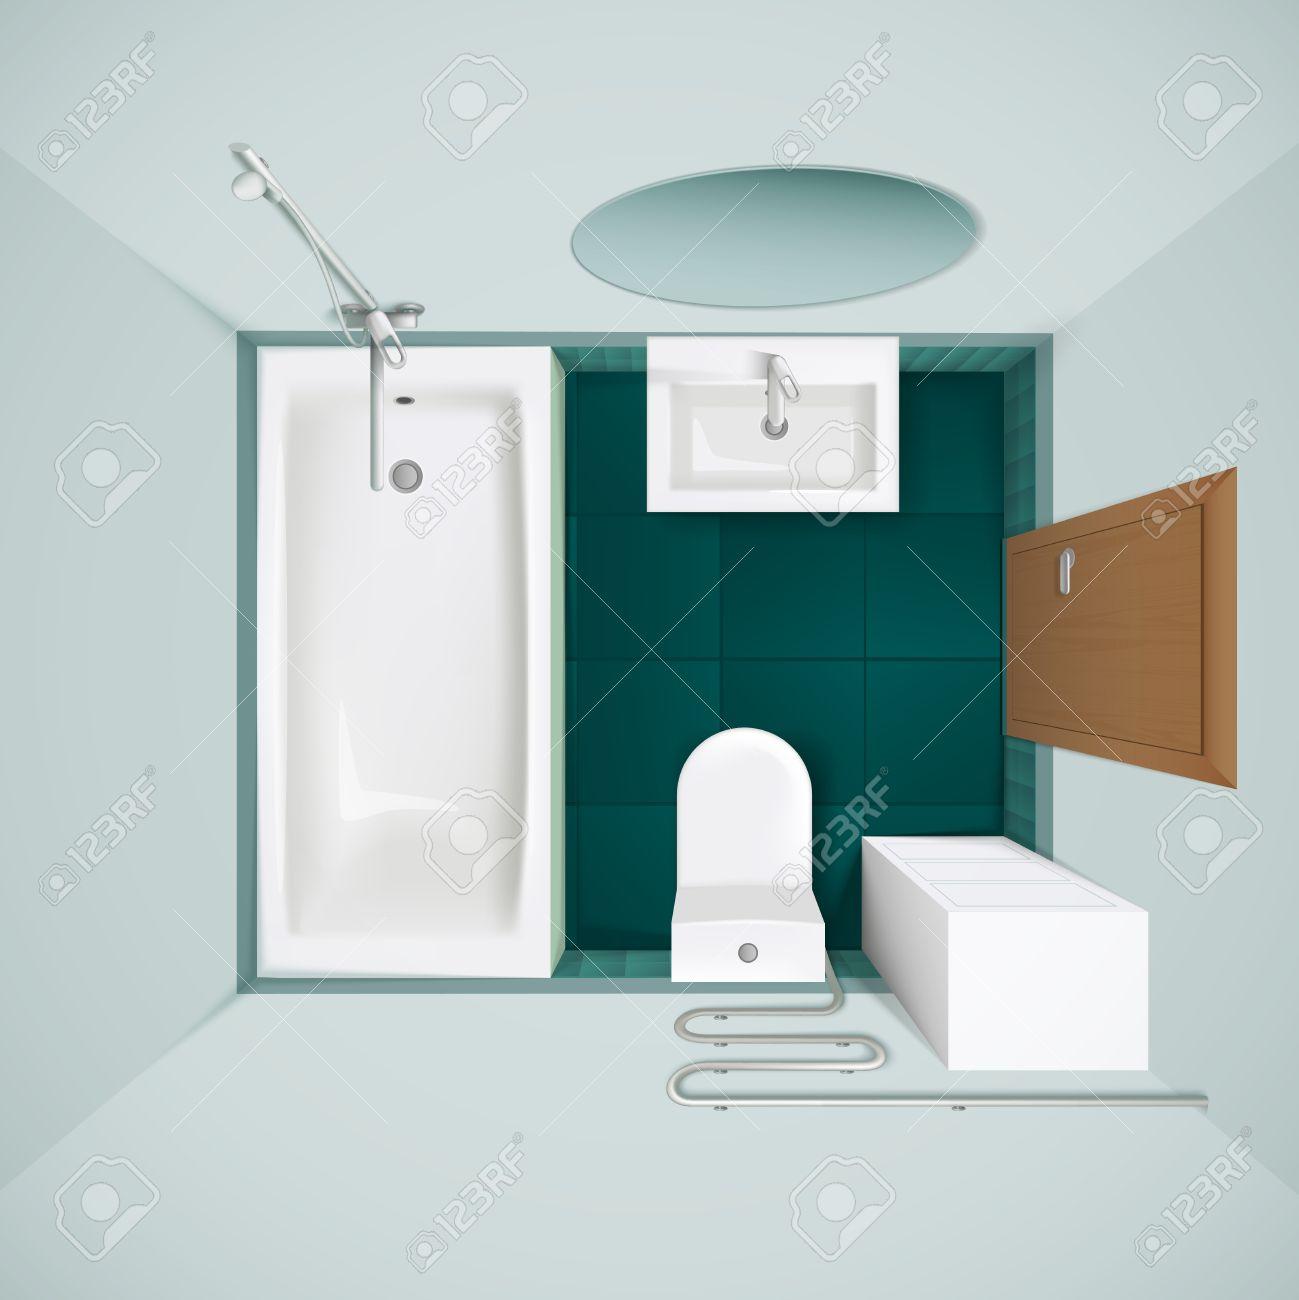 Kleines Bad Mit Grunen Fliesen Badewanne Toilettenschussel Und